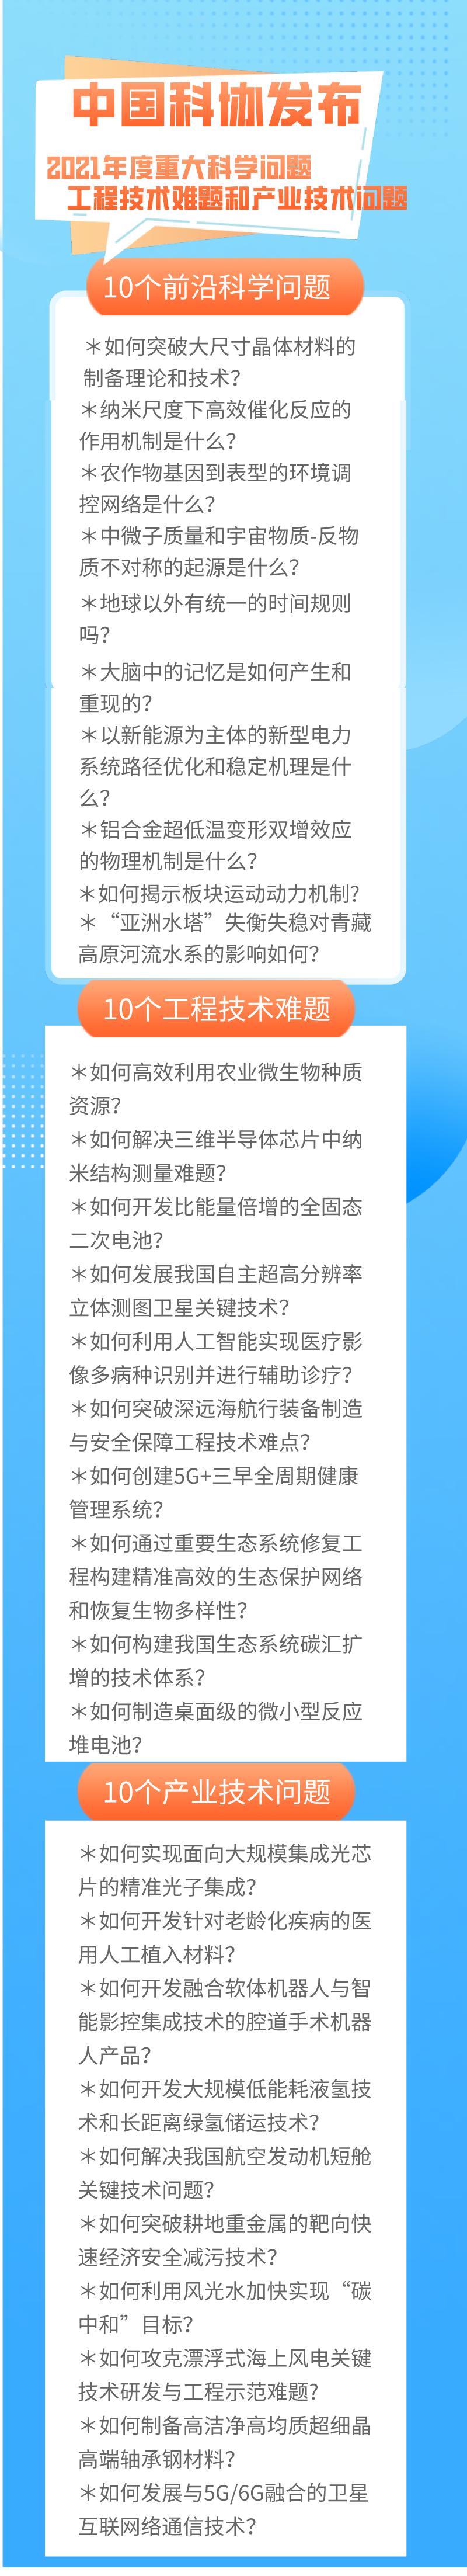 中国科协发布2021年度重大科学问题、工程技术难题和产业技术问题